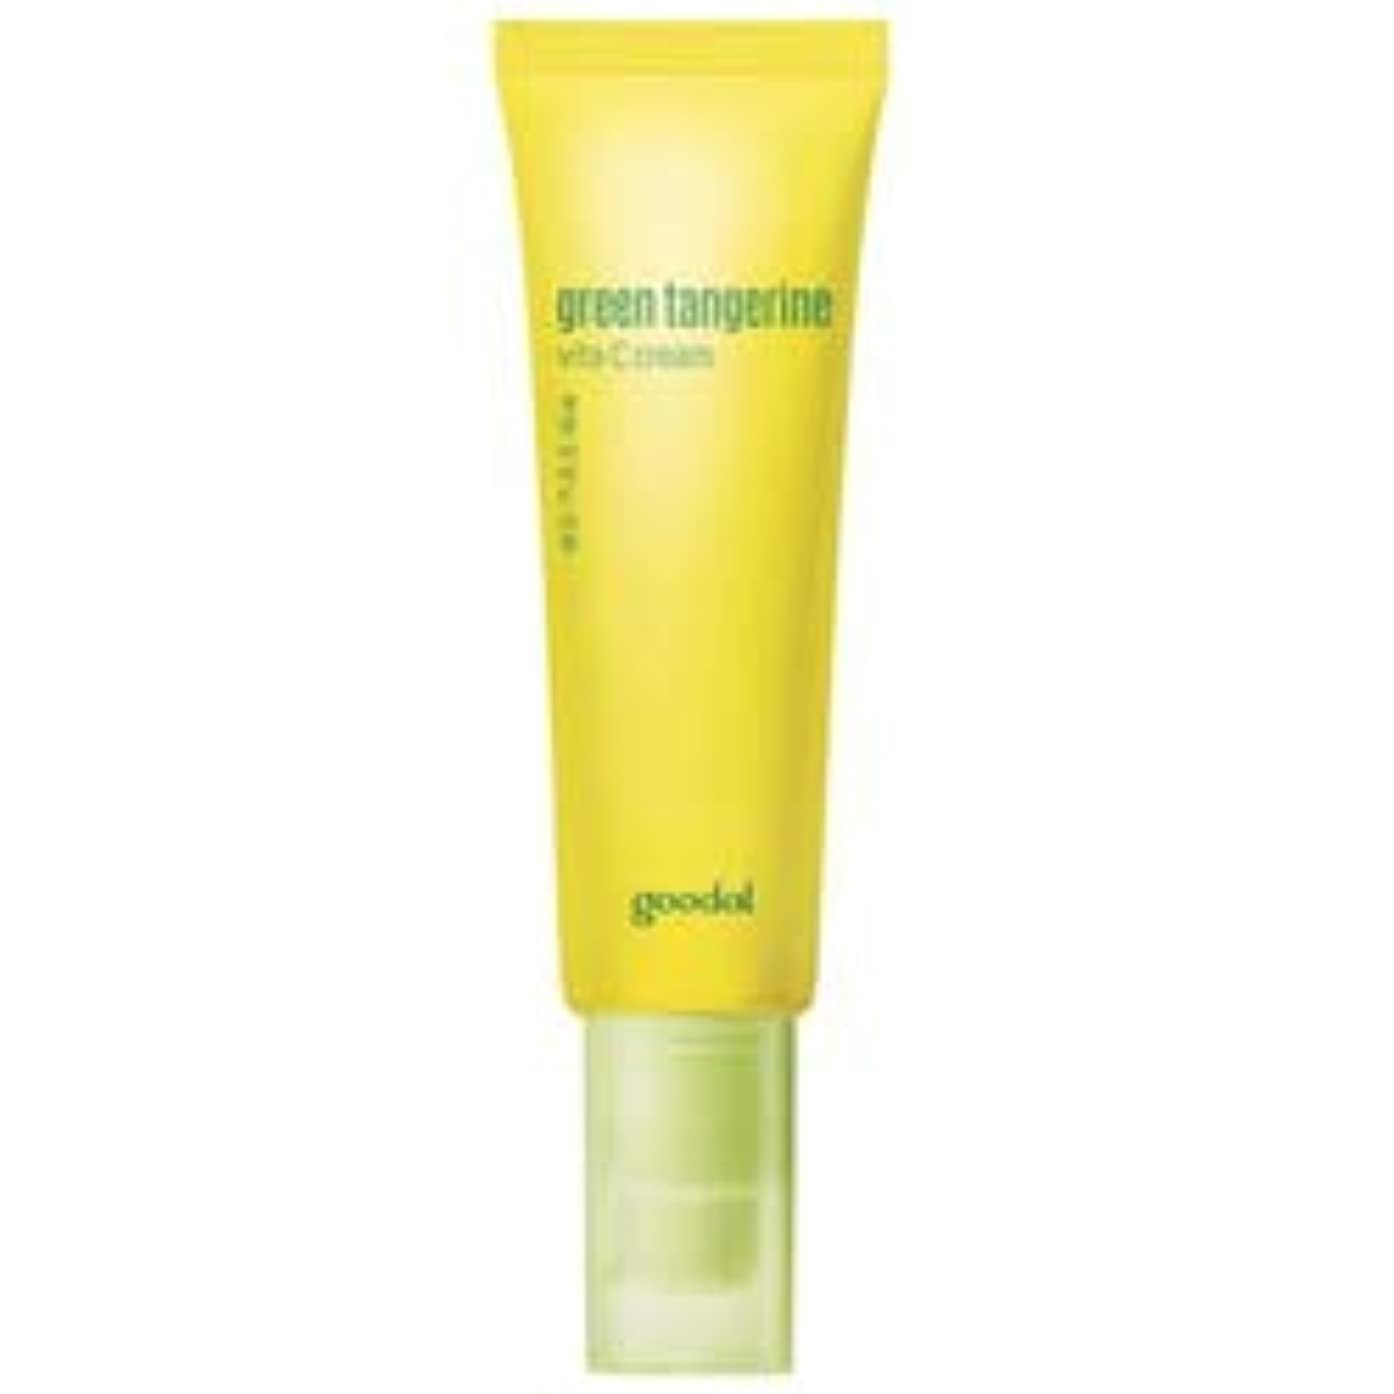 保証するレース言い訳[goodal] Green Tangerine Vita C cream 50ml / [グーダル]タンジェリン ビタC クリーム 50ml [並行輸入品]